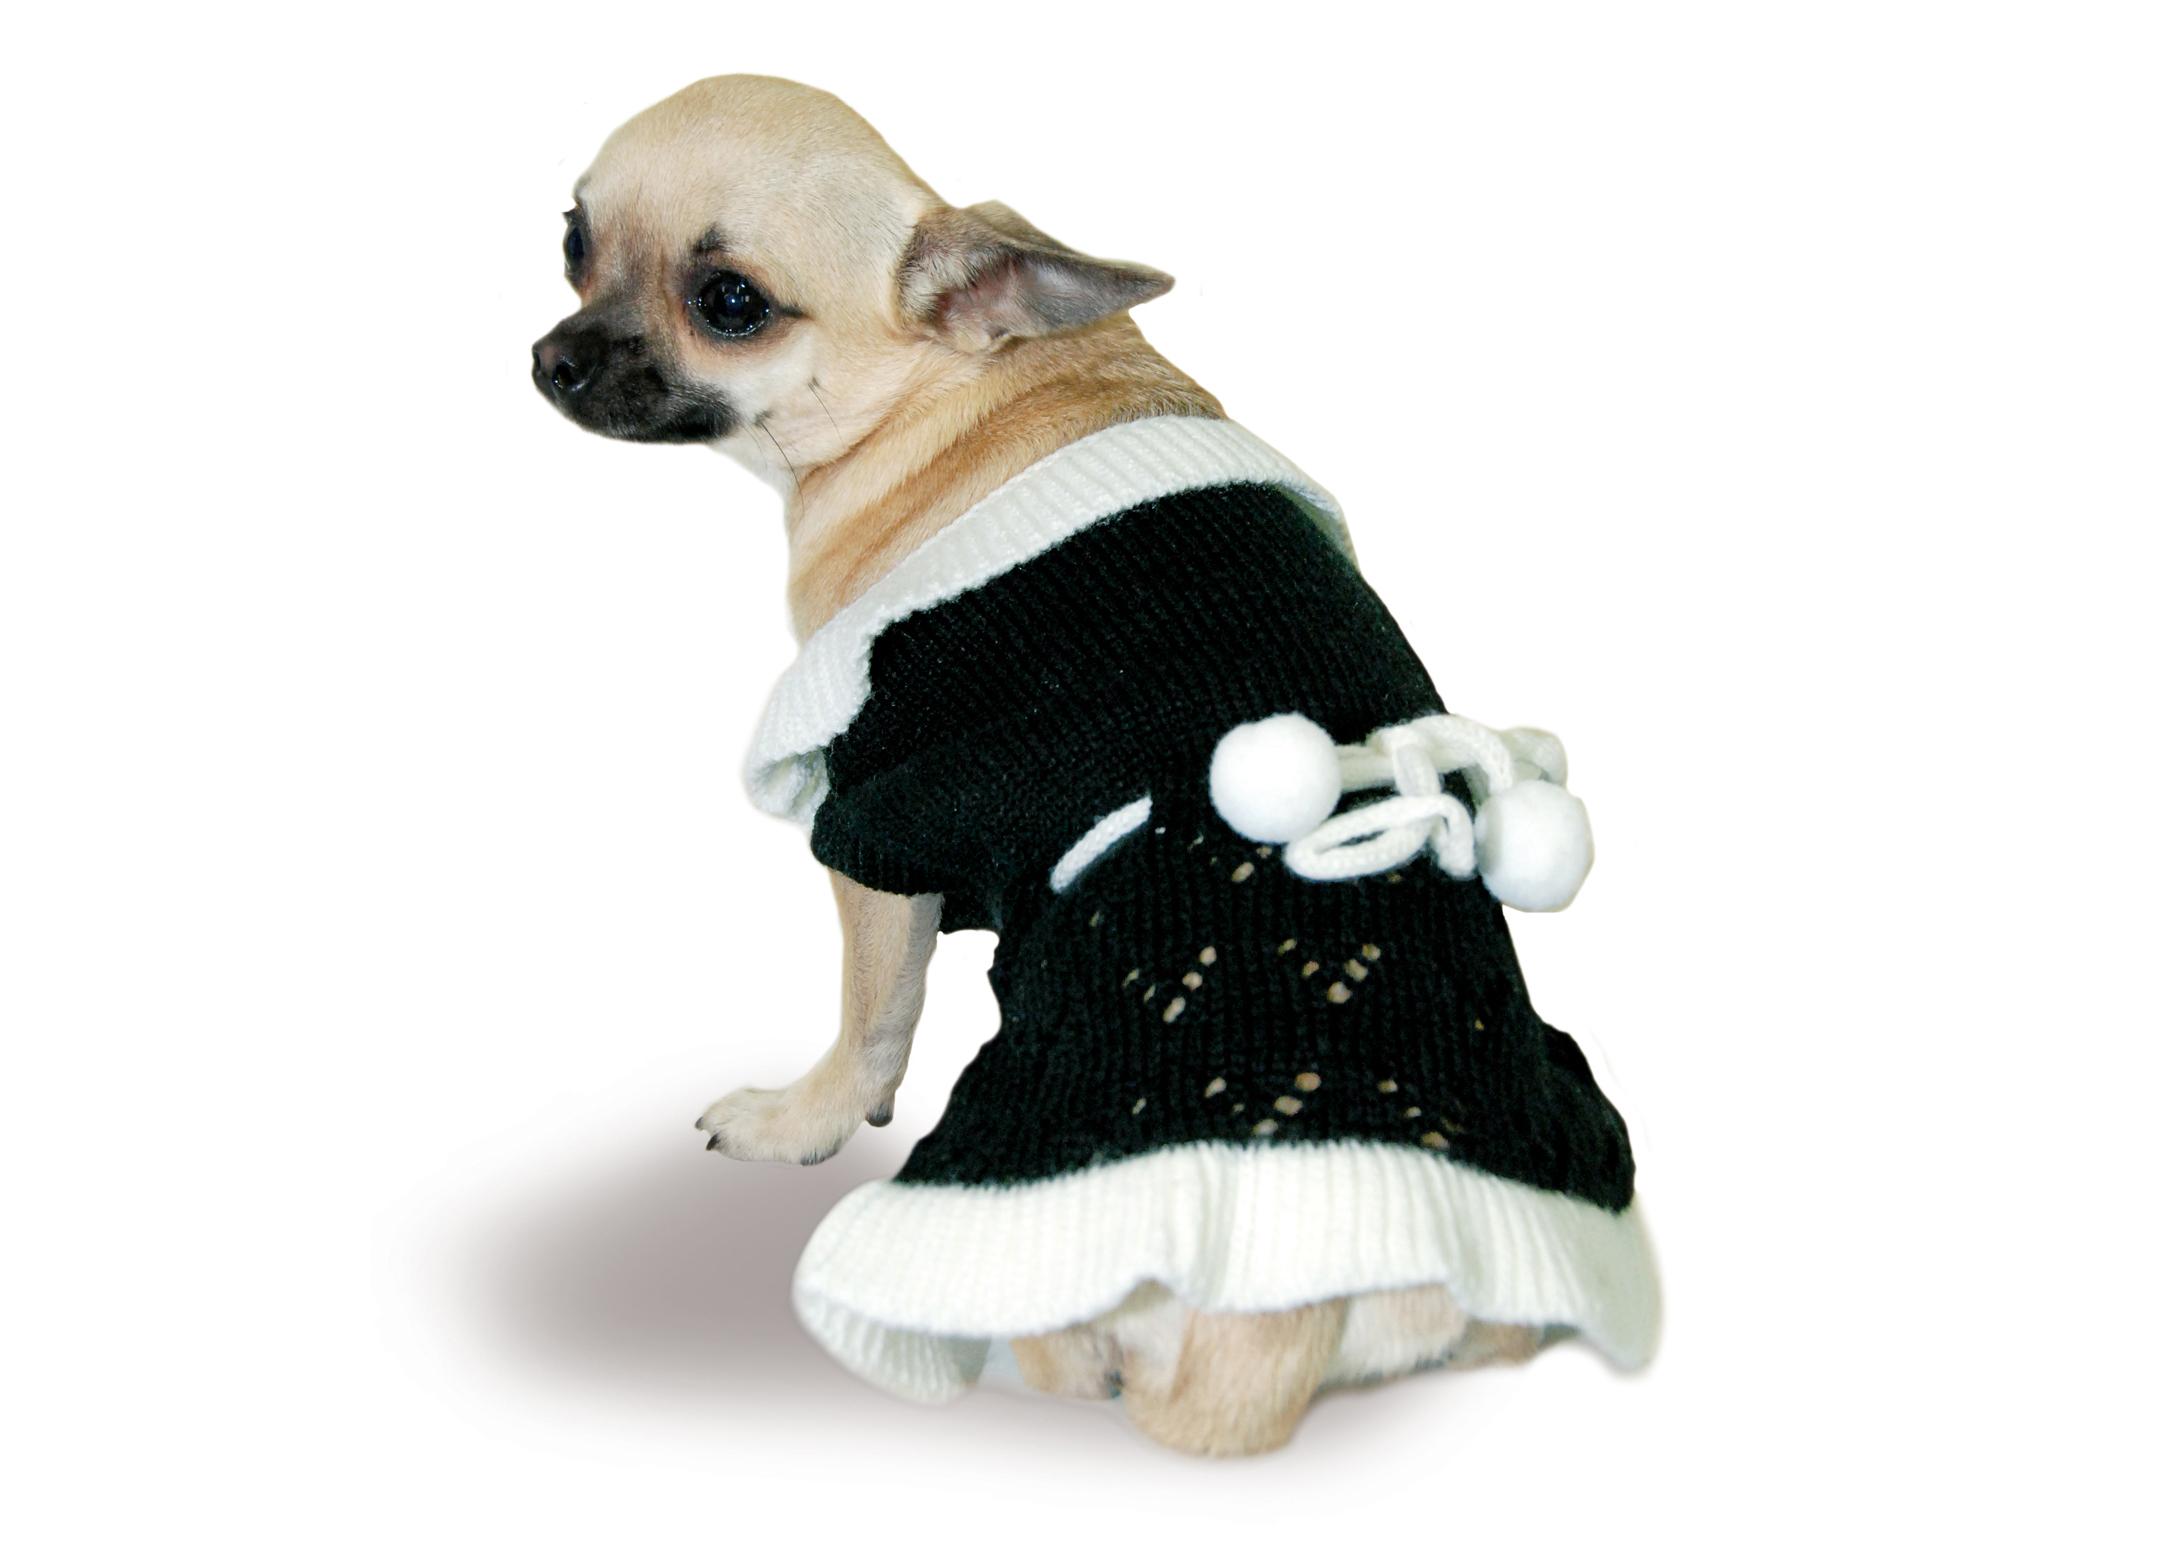 Max+Co Robe Pom-Pom Noir-Blanc Vêtements Pour Chiens